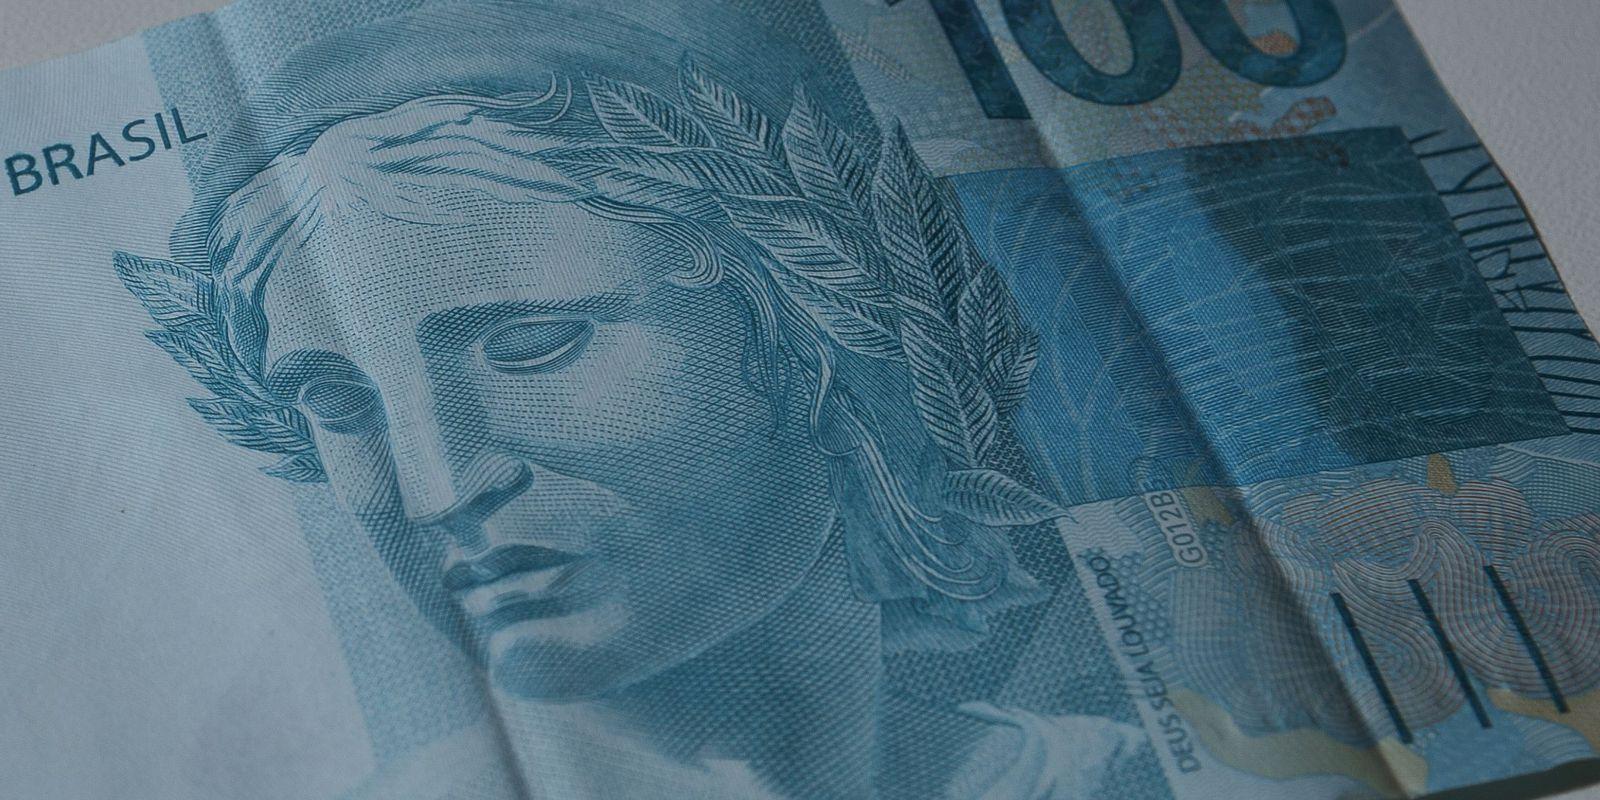 dinheiro